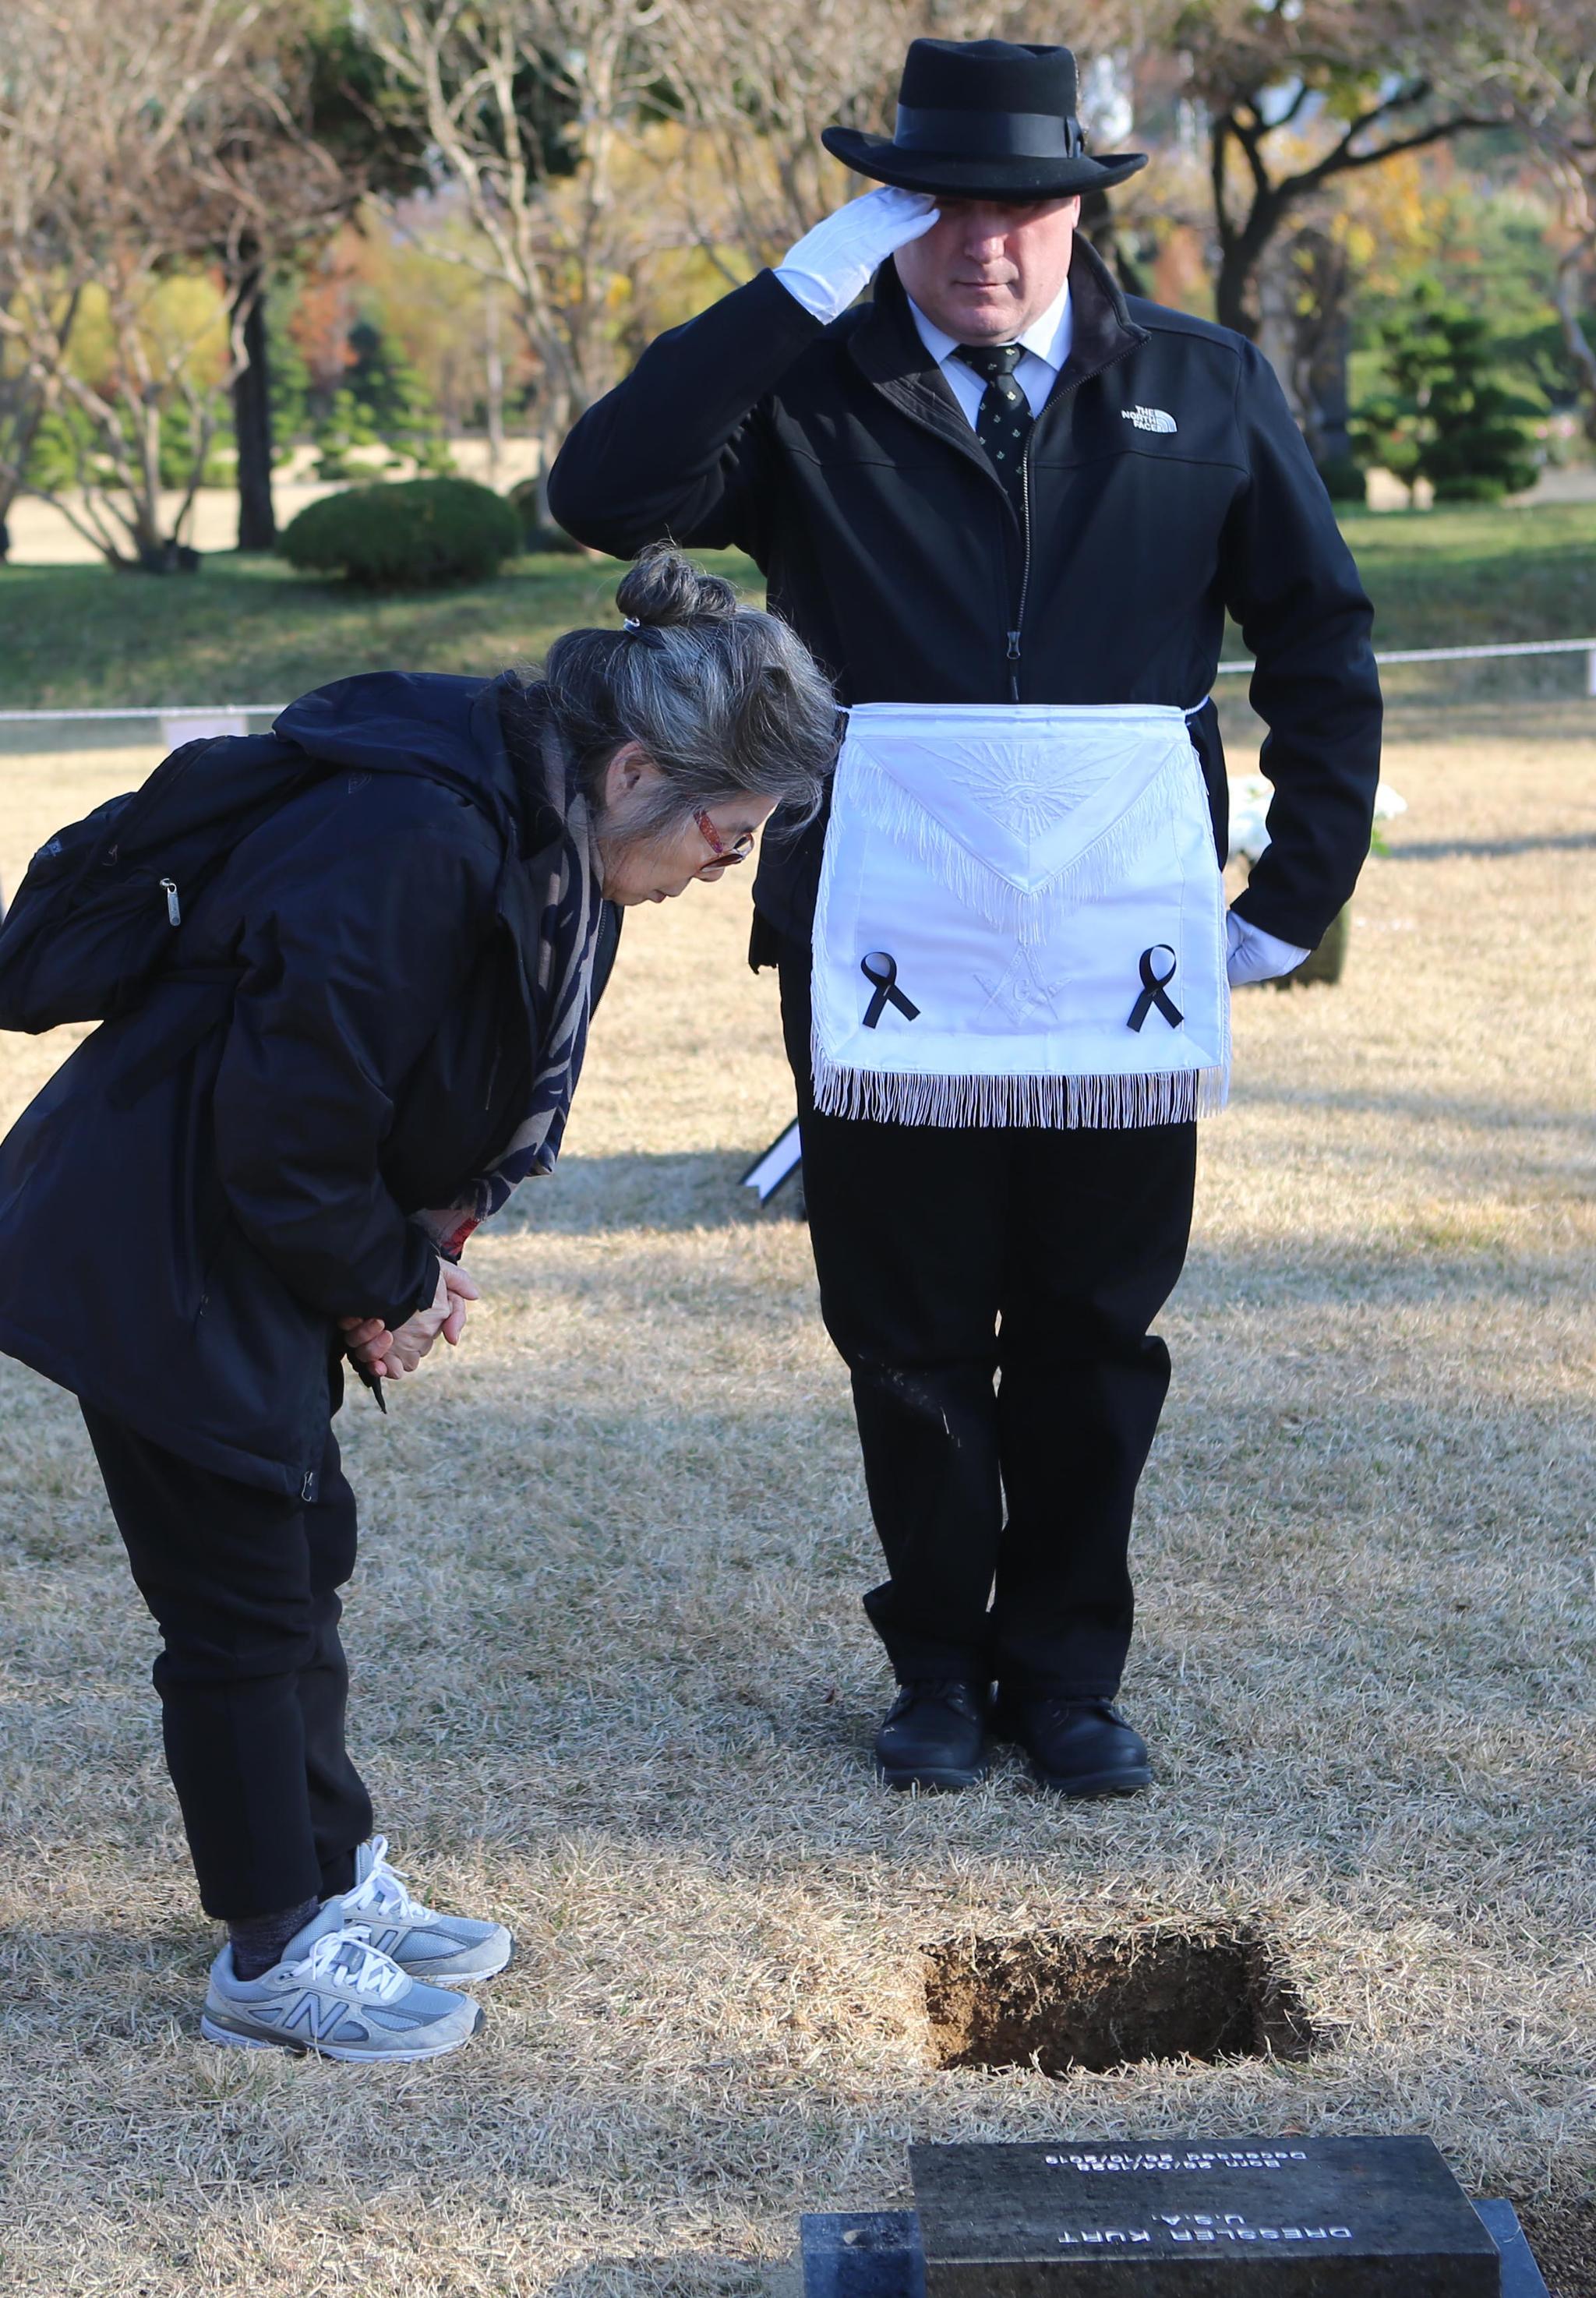 30일 오후 부산 남구 유엔기념공원에서 열린 6·25전쟁 참전용사 고 커드 드레슬러의 유해 안장식에서 그의 아내가 마지막 인사를 하고 있다. [연합뉴스]